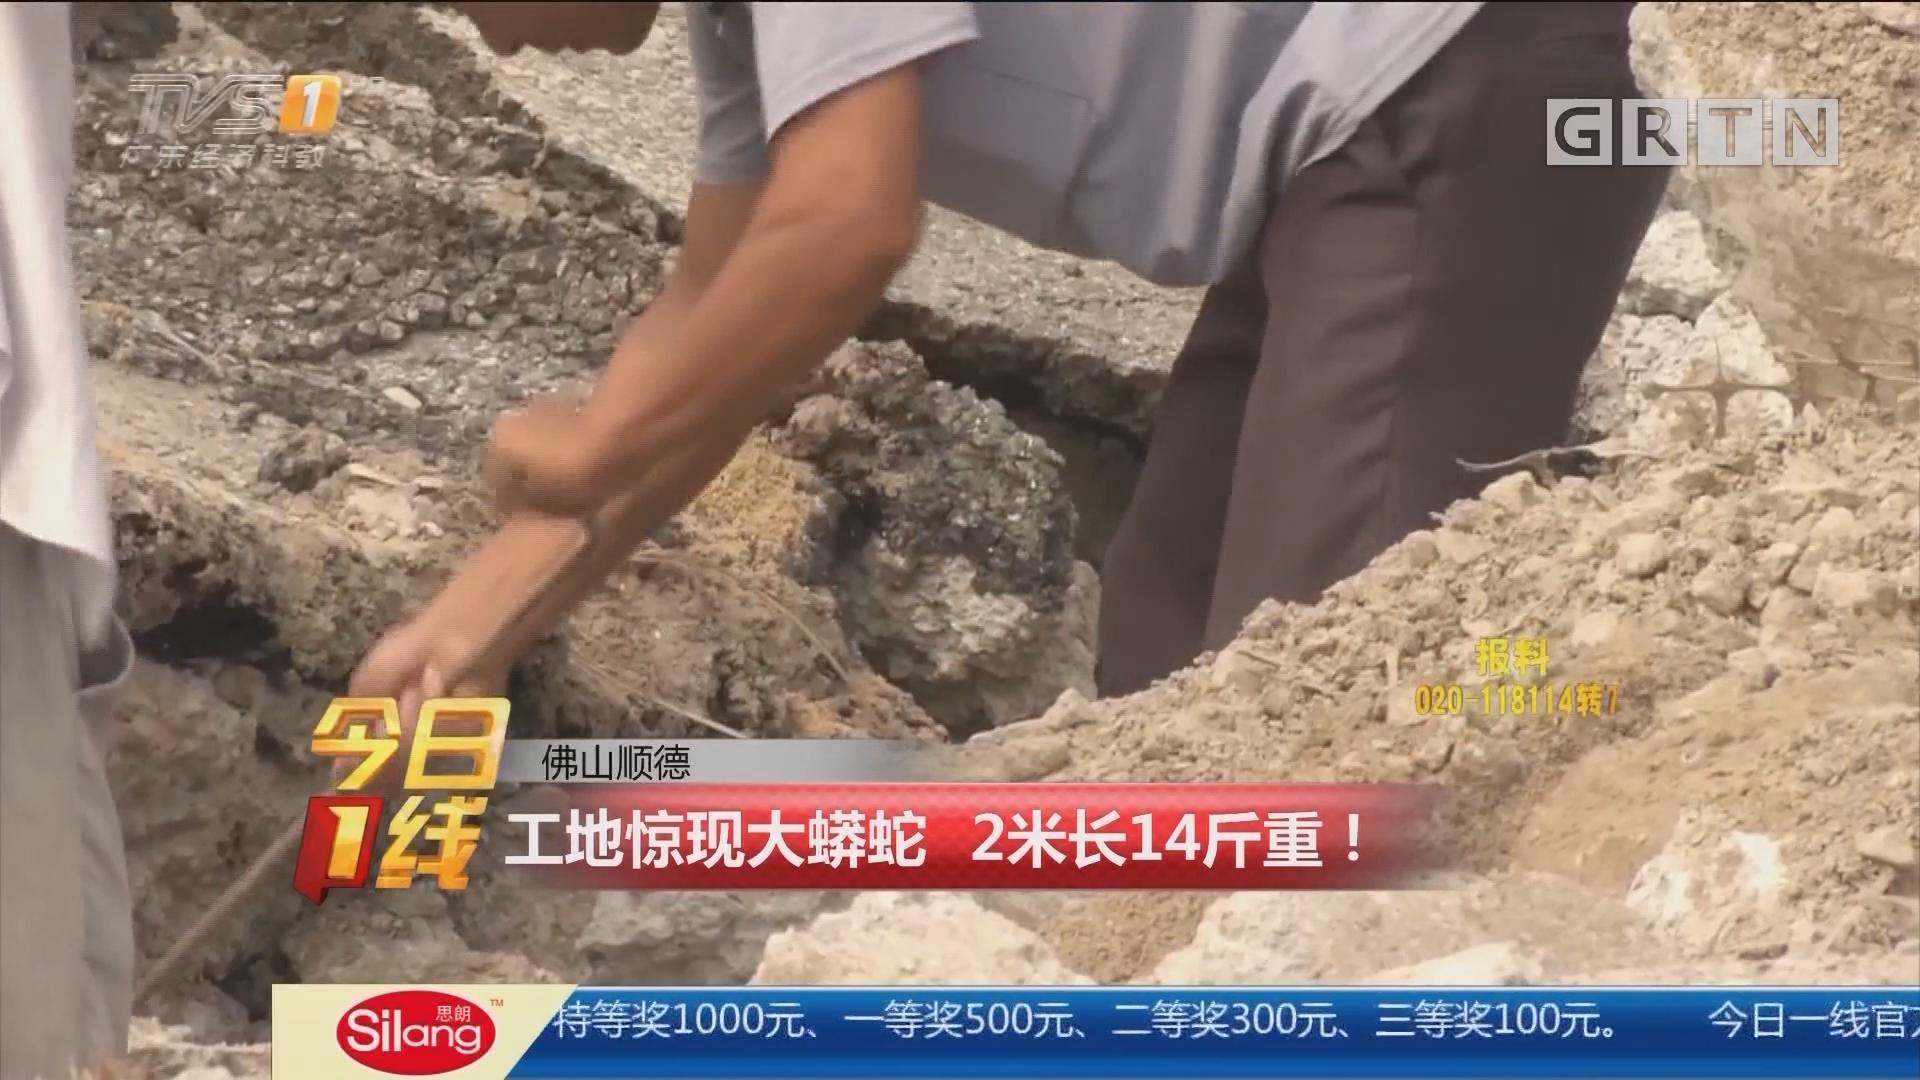 佛山顺德:工地惊现大蟒蛇 2米长14斤重!